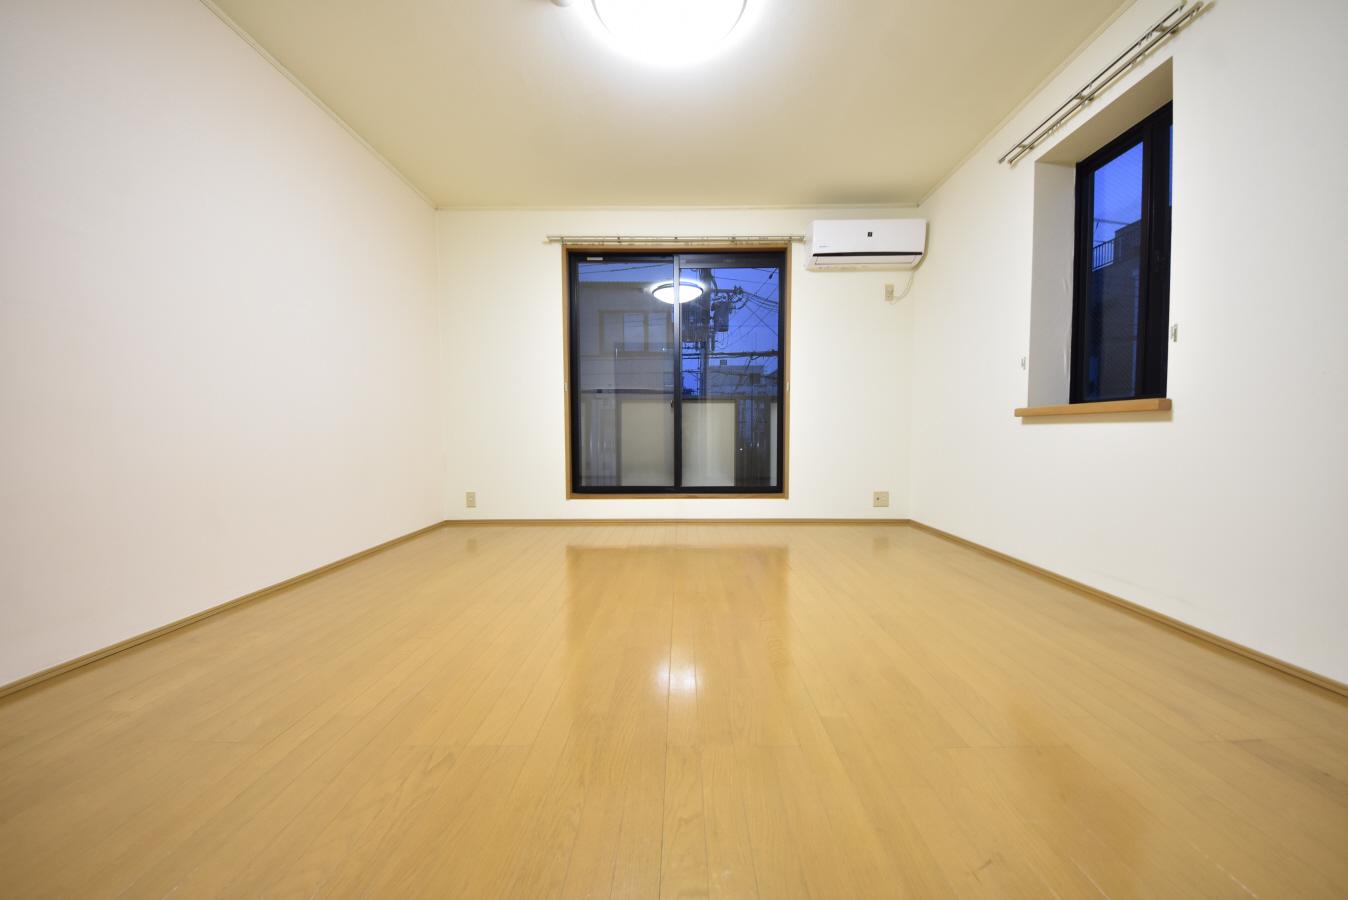 物件番号: 1025872255 タウンハイム須磨南  神戸市須磨区南町1丁目 1DK ハイツ 画像1